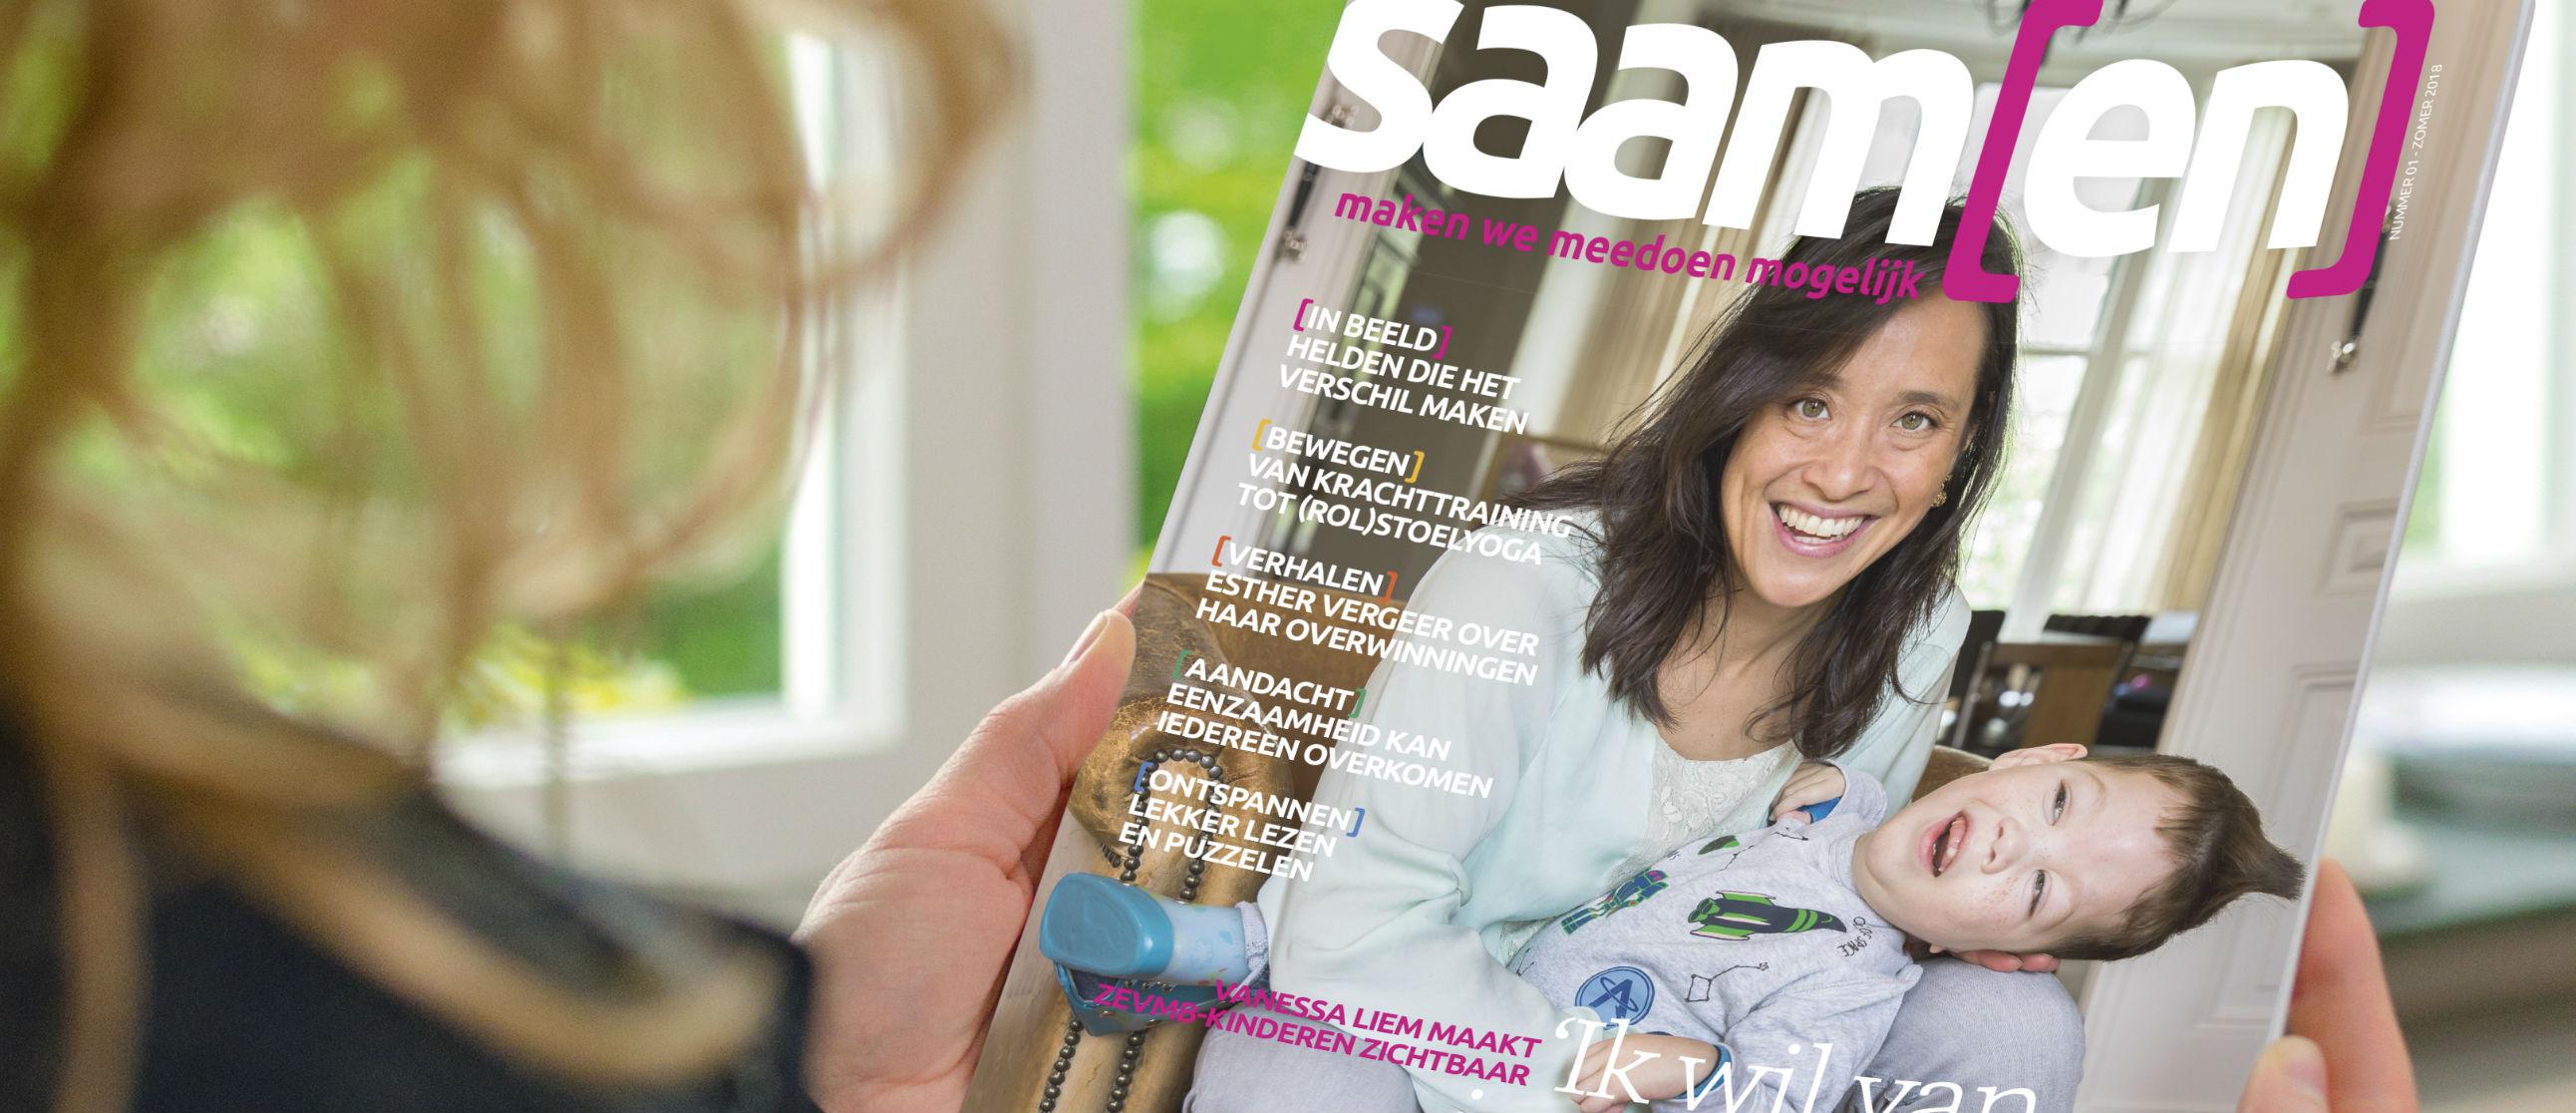 Cover van magazine Saam(en)